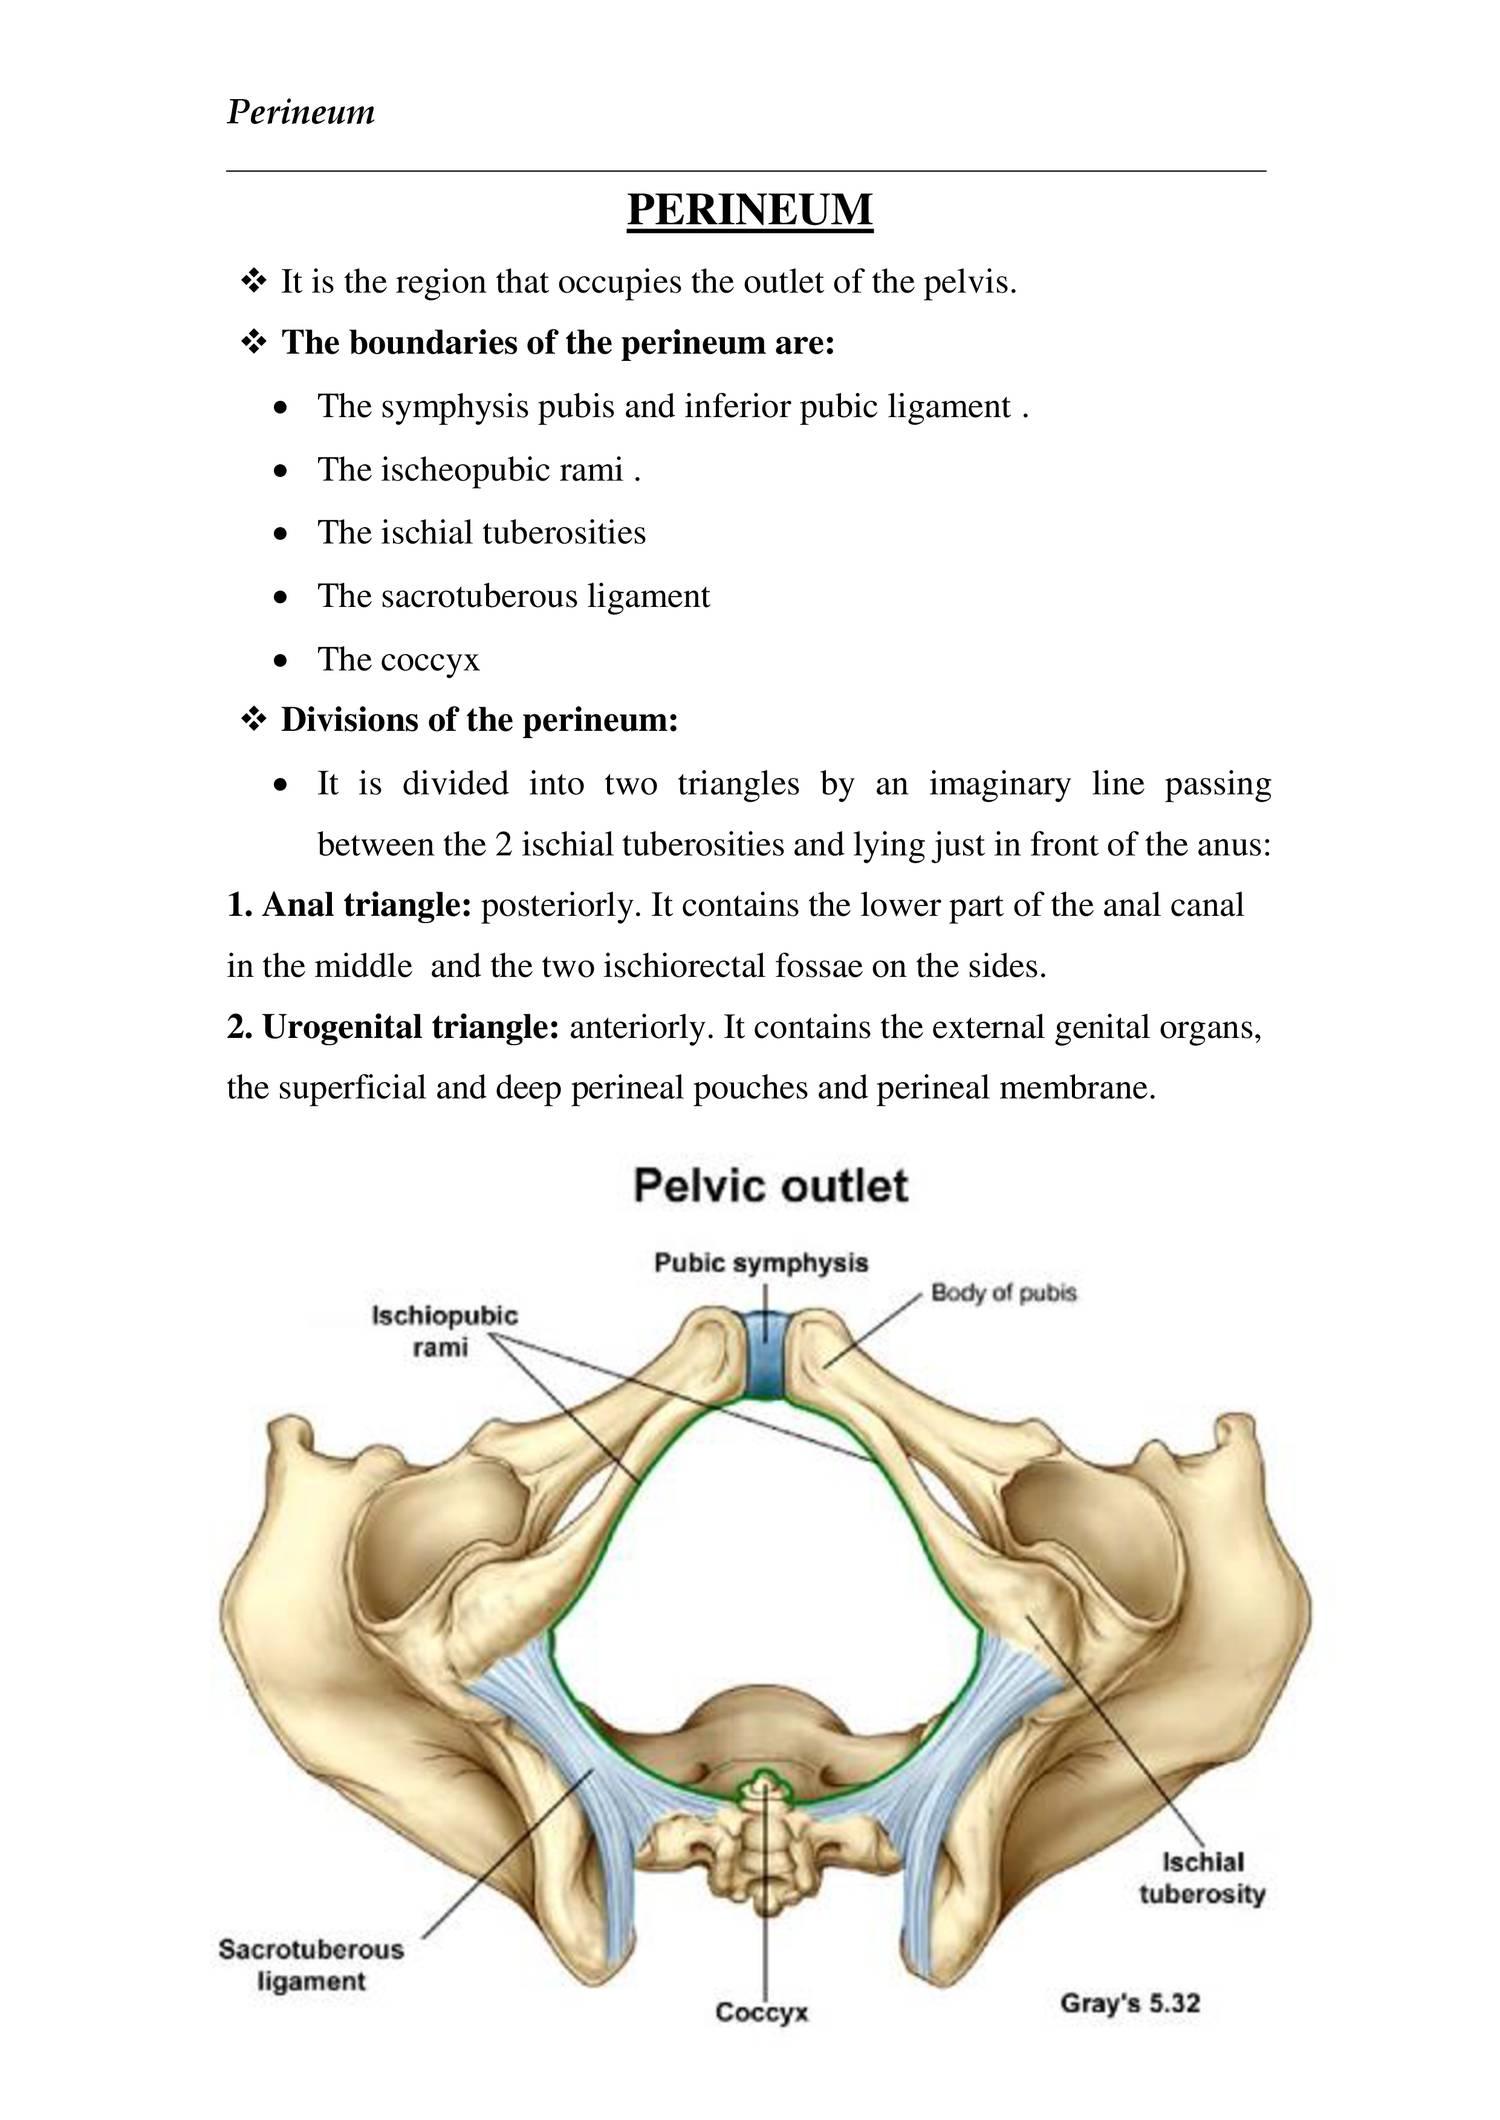 anatomy PERINEUM.doc | DocDroid